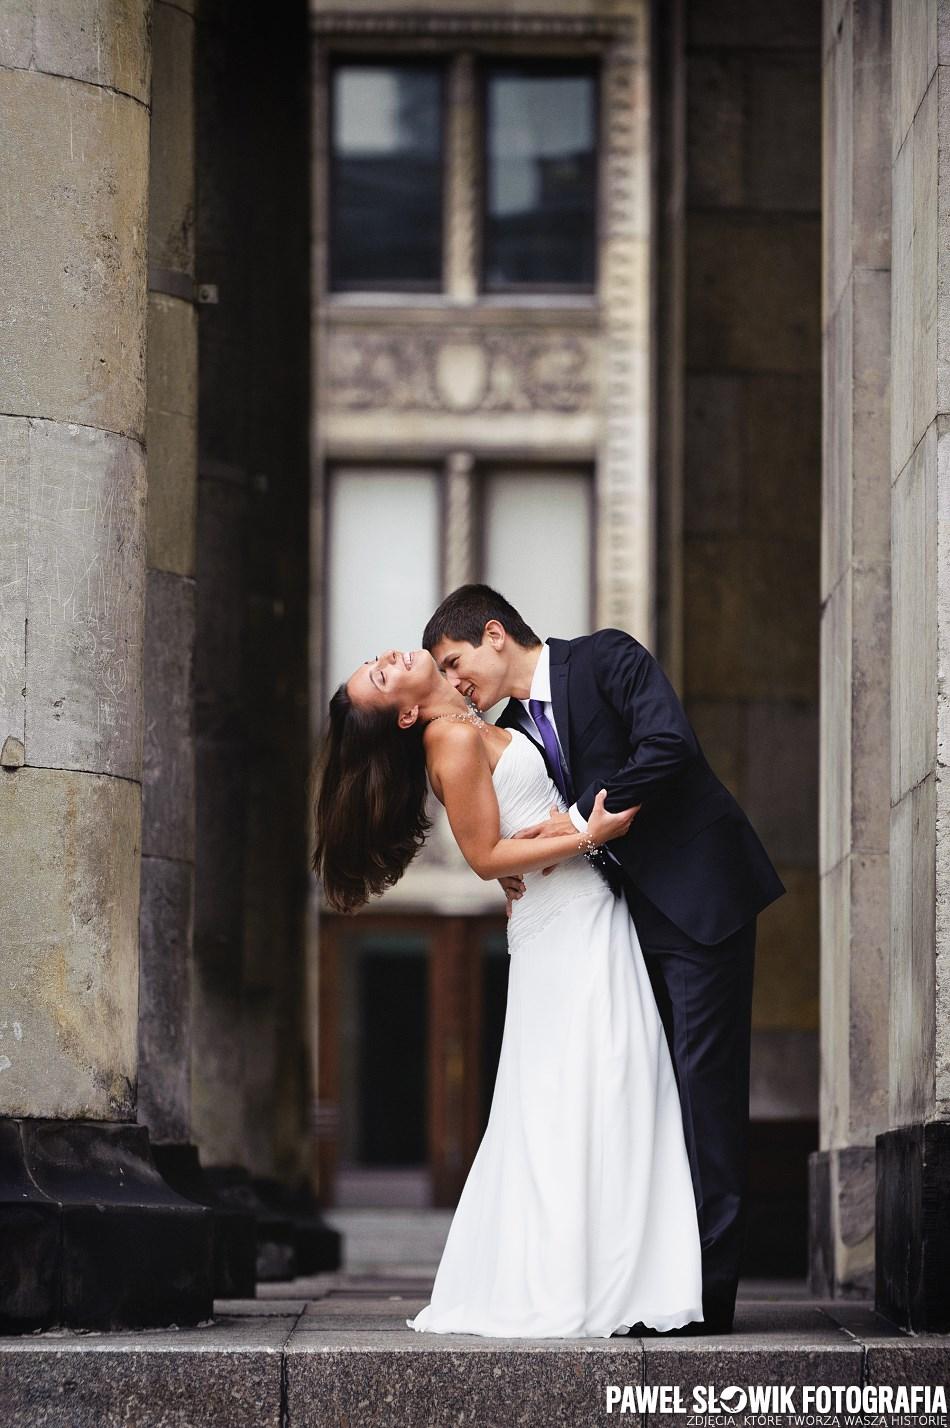 Sesja ślubna pod pałacem kultury